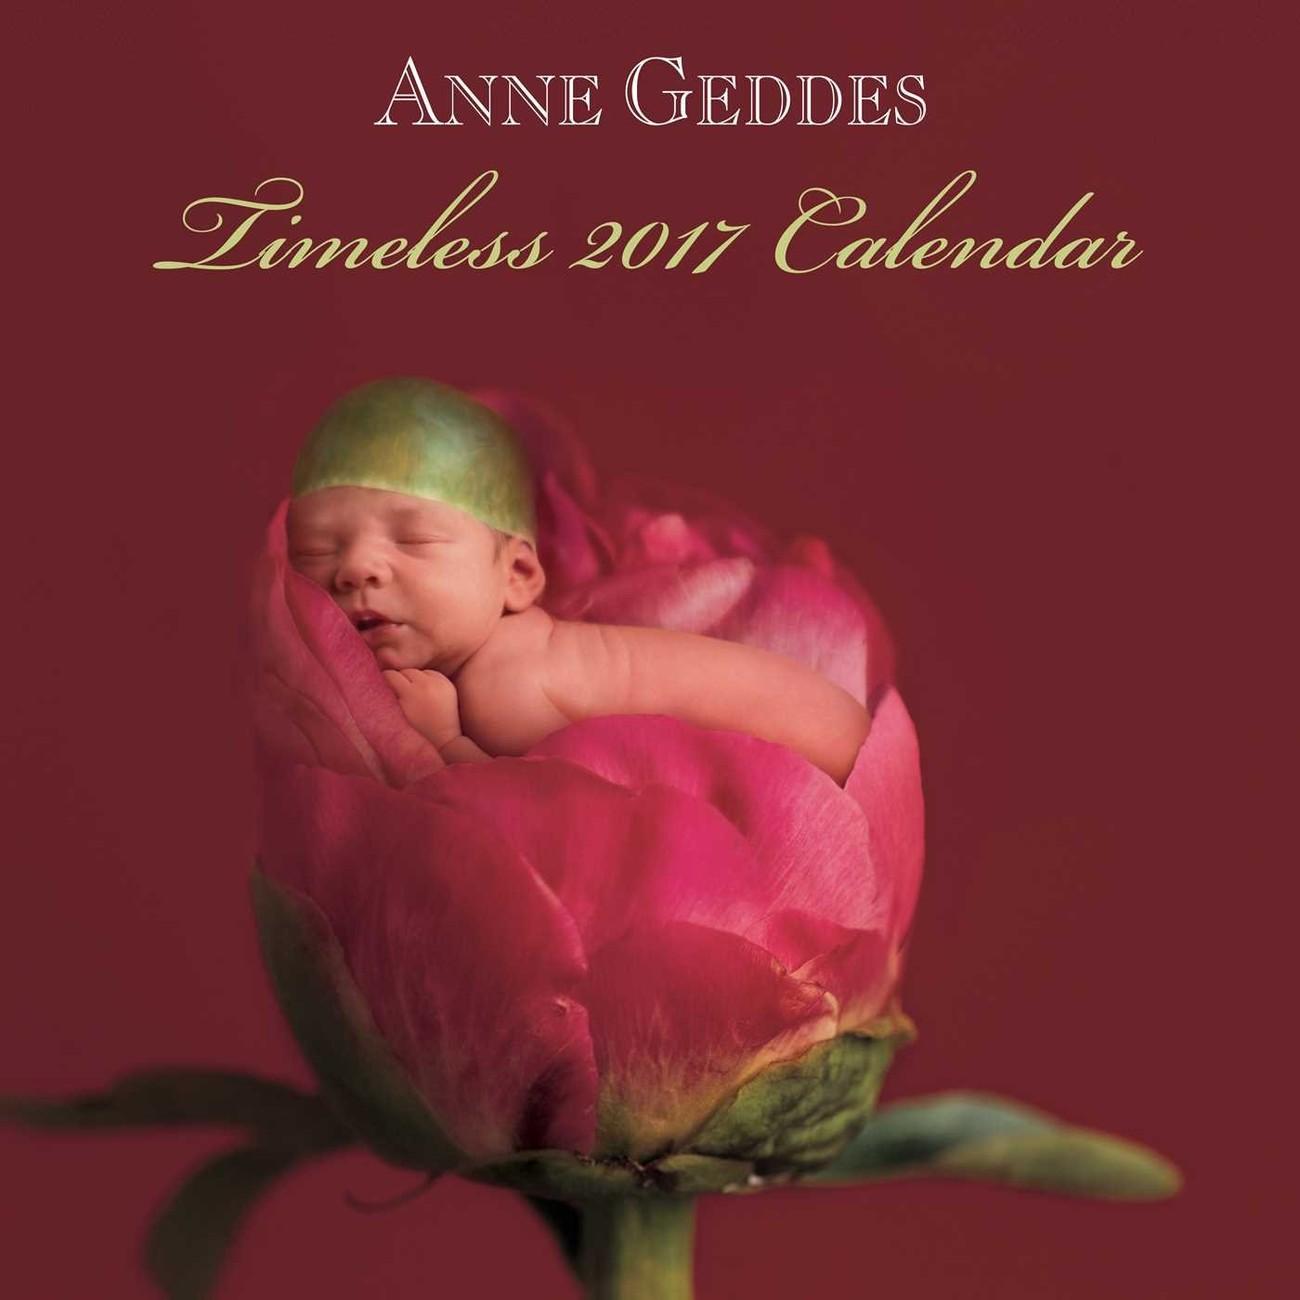 anne geddes naptár Anne Geddes   Timeless   Calendars 2019 on UKposters/Abposters.com anne geddes naptár